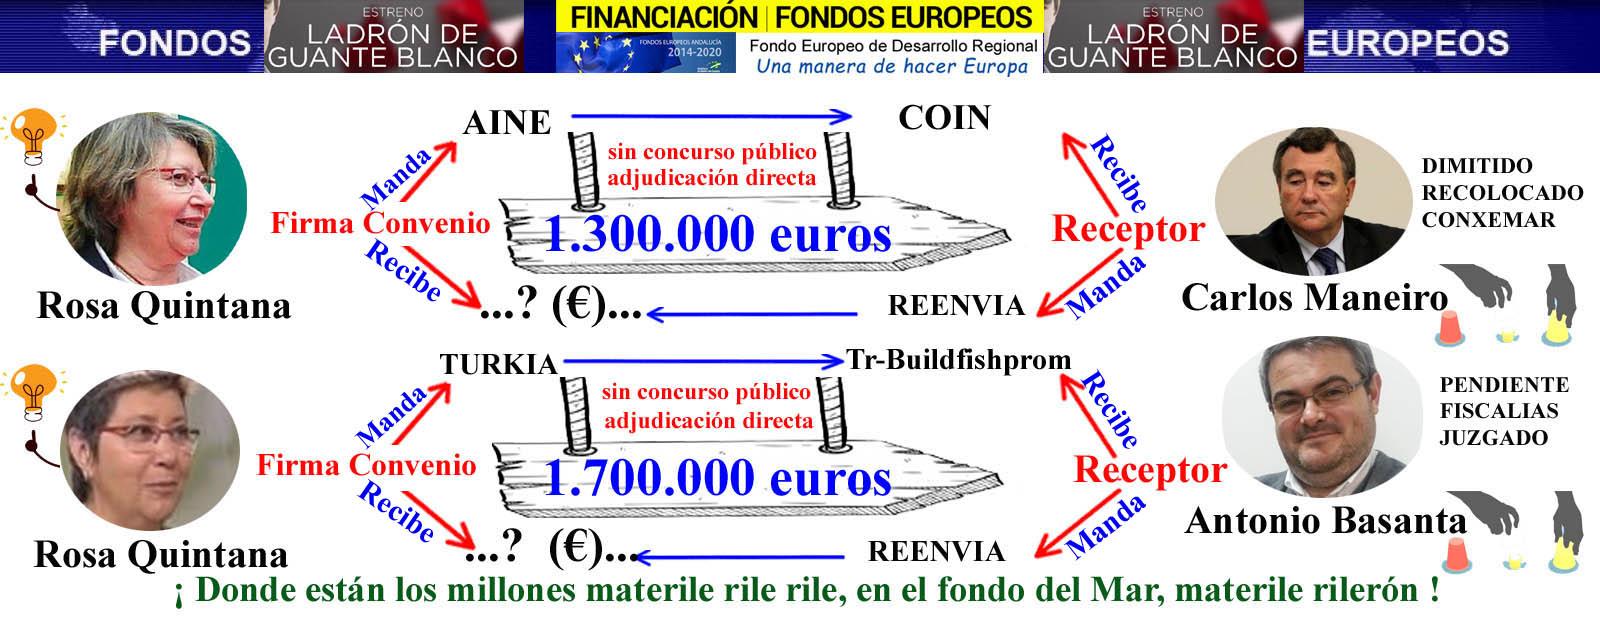 Antonio Basanta y Rosa Quintana, melancólicos o inútiles para defender los  intereses pesqueros de España y Galicia en Europa que pierden en favor de  Erdogan y Turquia - Xornal Galicia